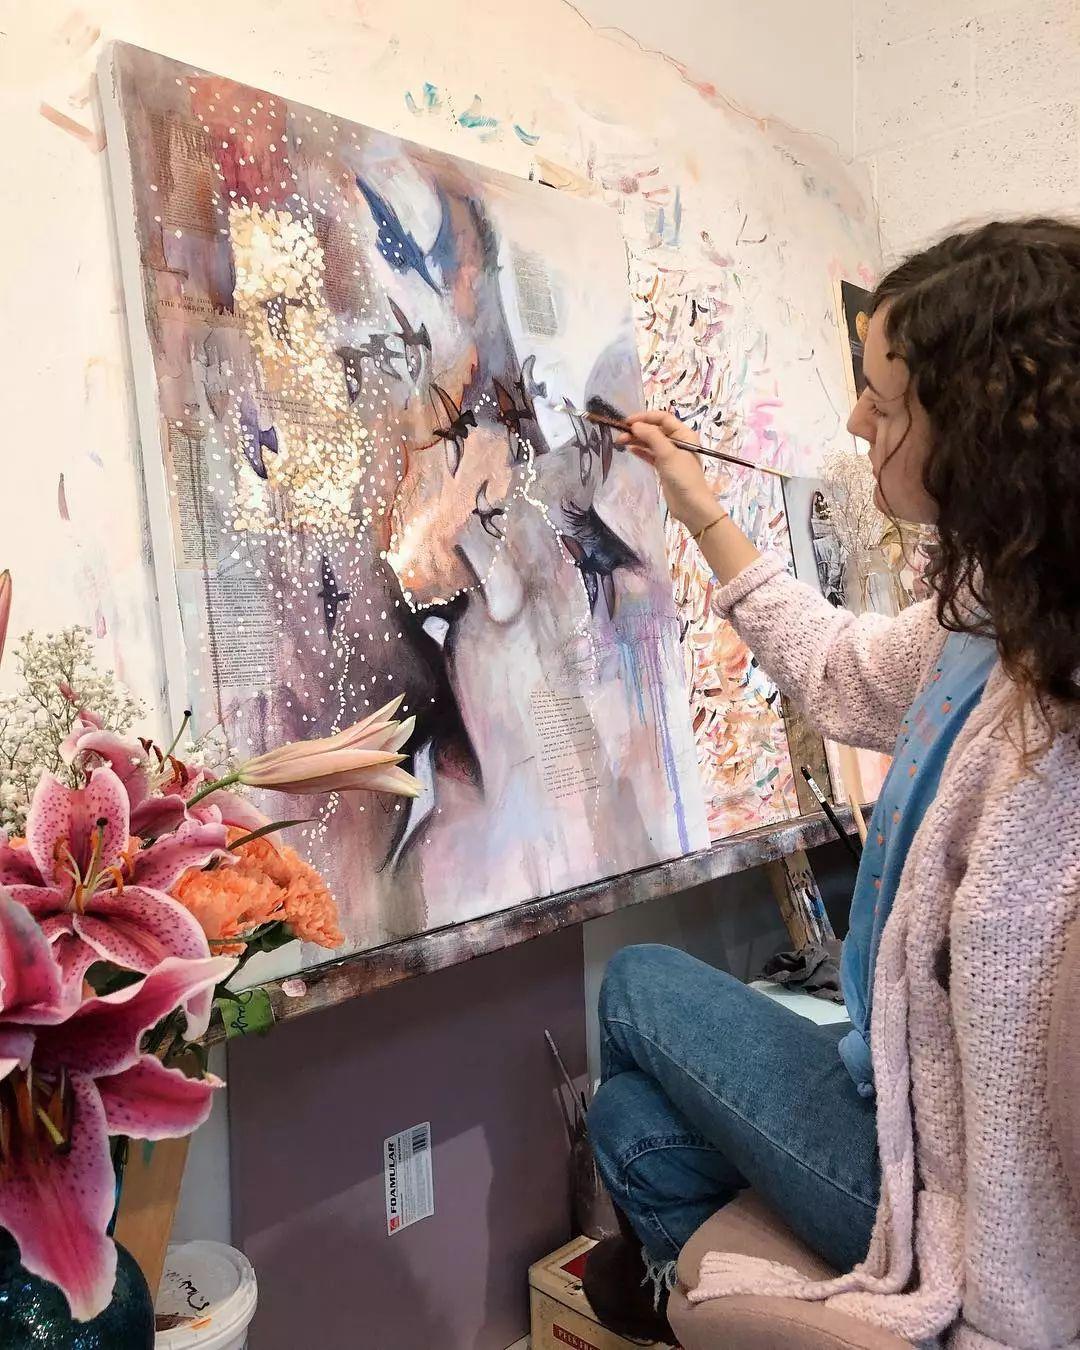 12岁开始画画 16岁就卖画赚100万——希腊小画家Dimitra Milan插图20